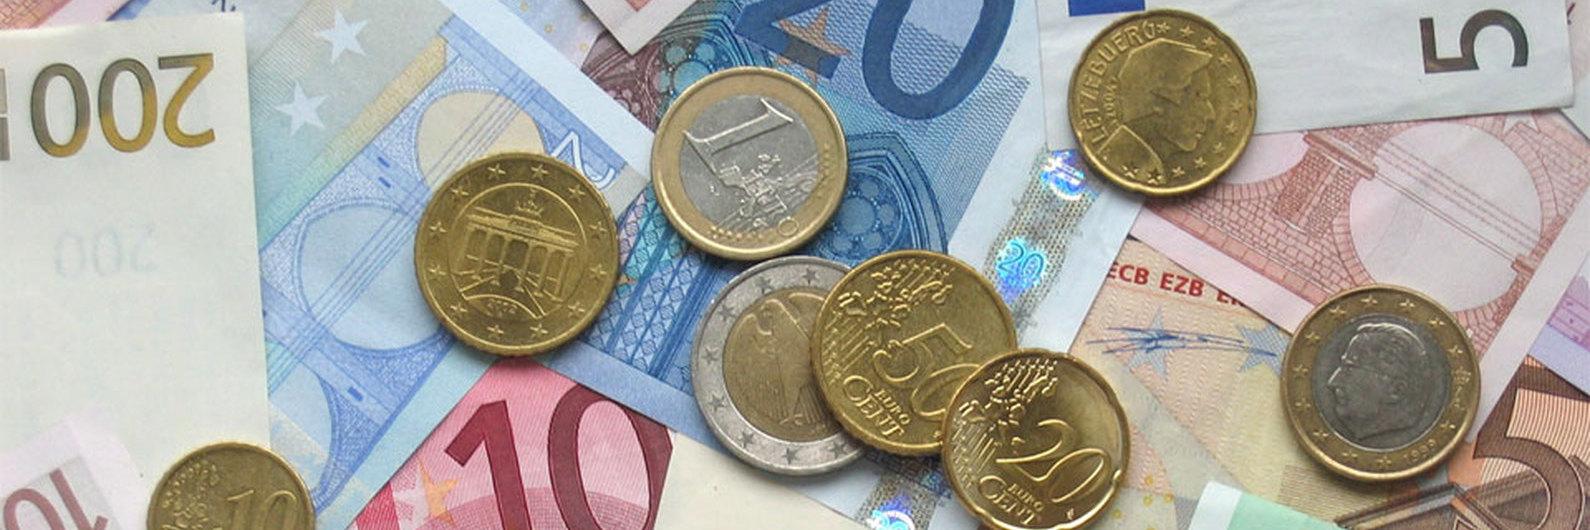 Cerca de sete mil organizações europeias pedem taxa 'Robin Hood'